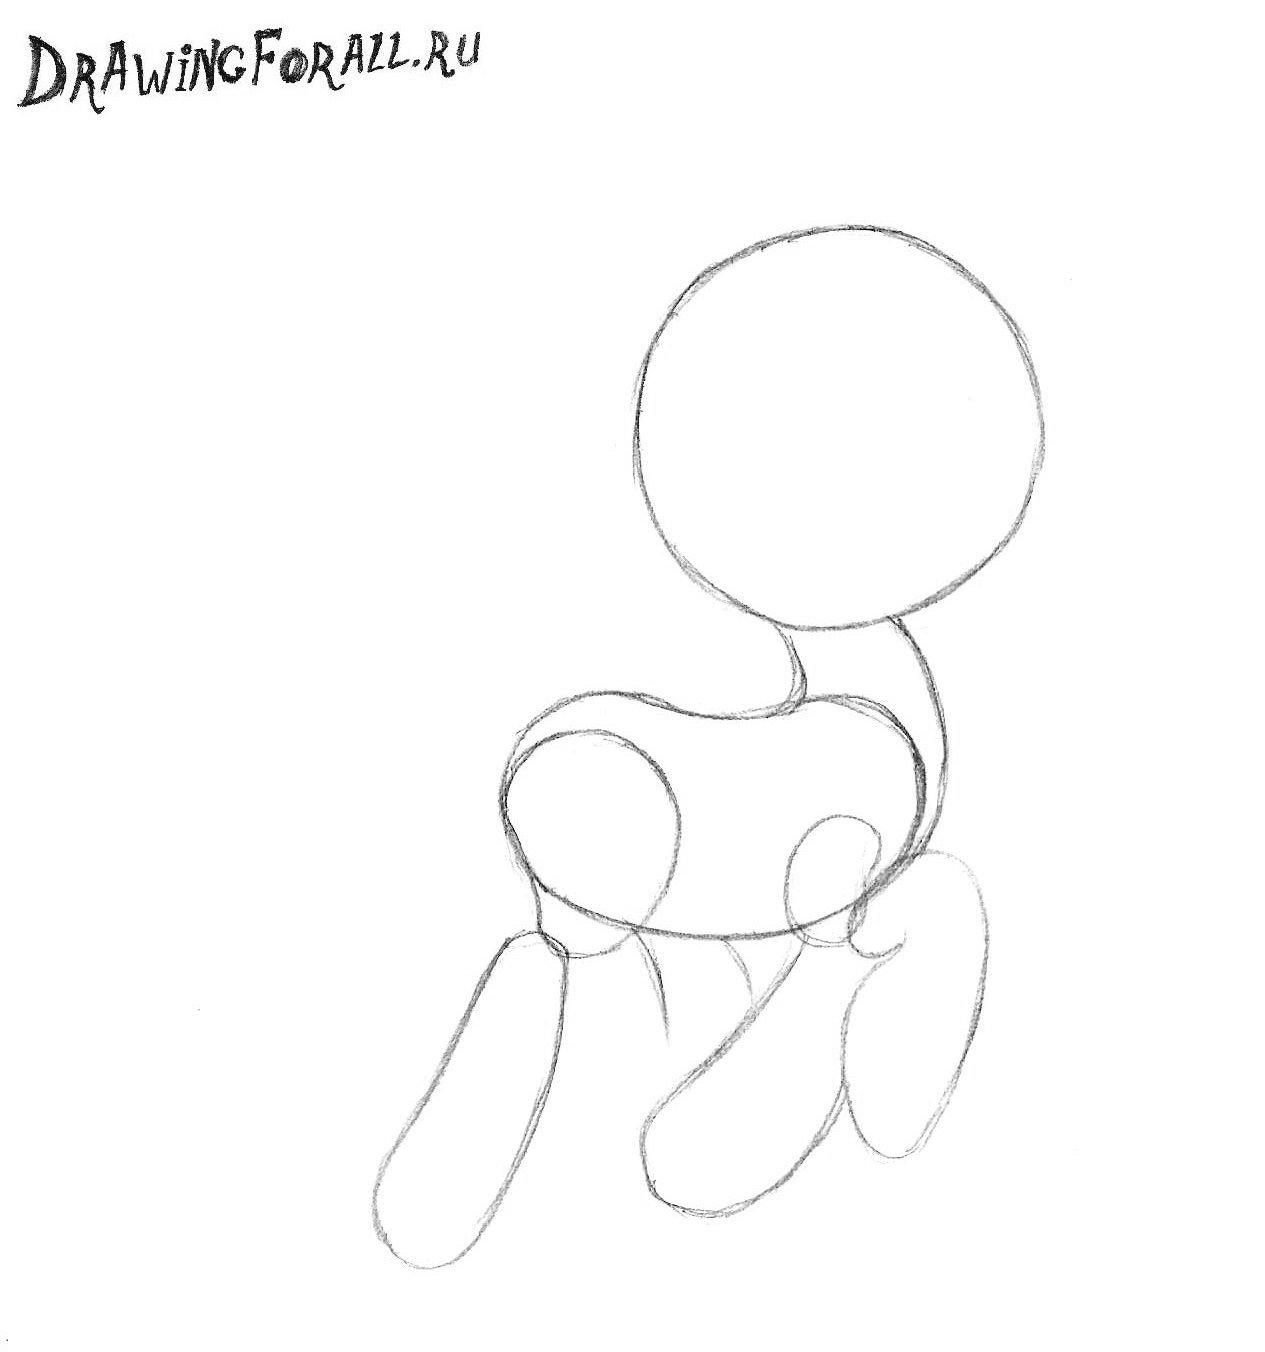 как нарисовать пони пинки пай карандашом